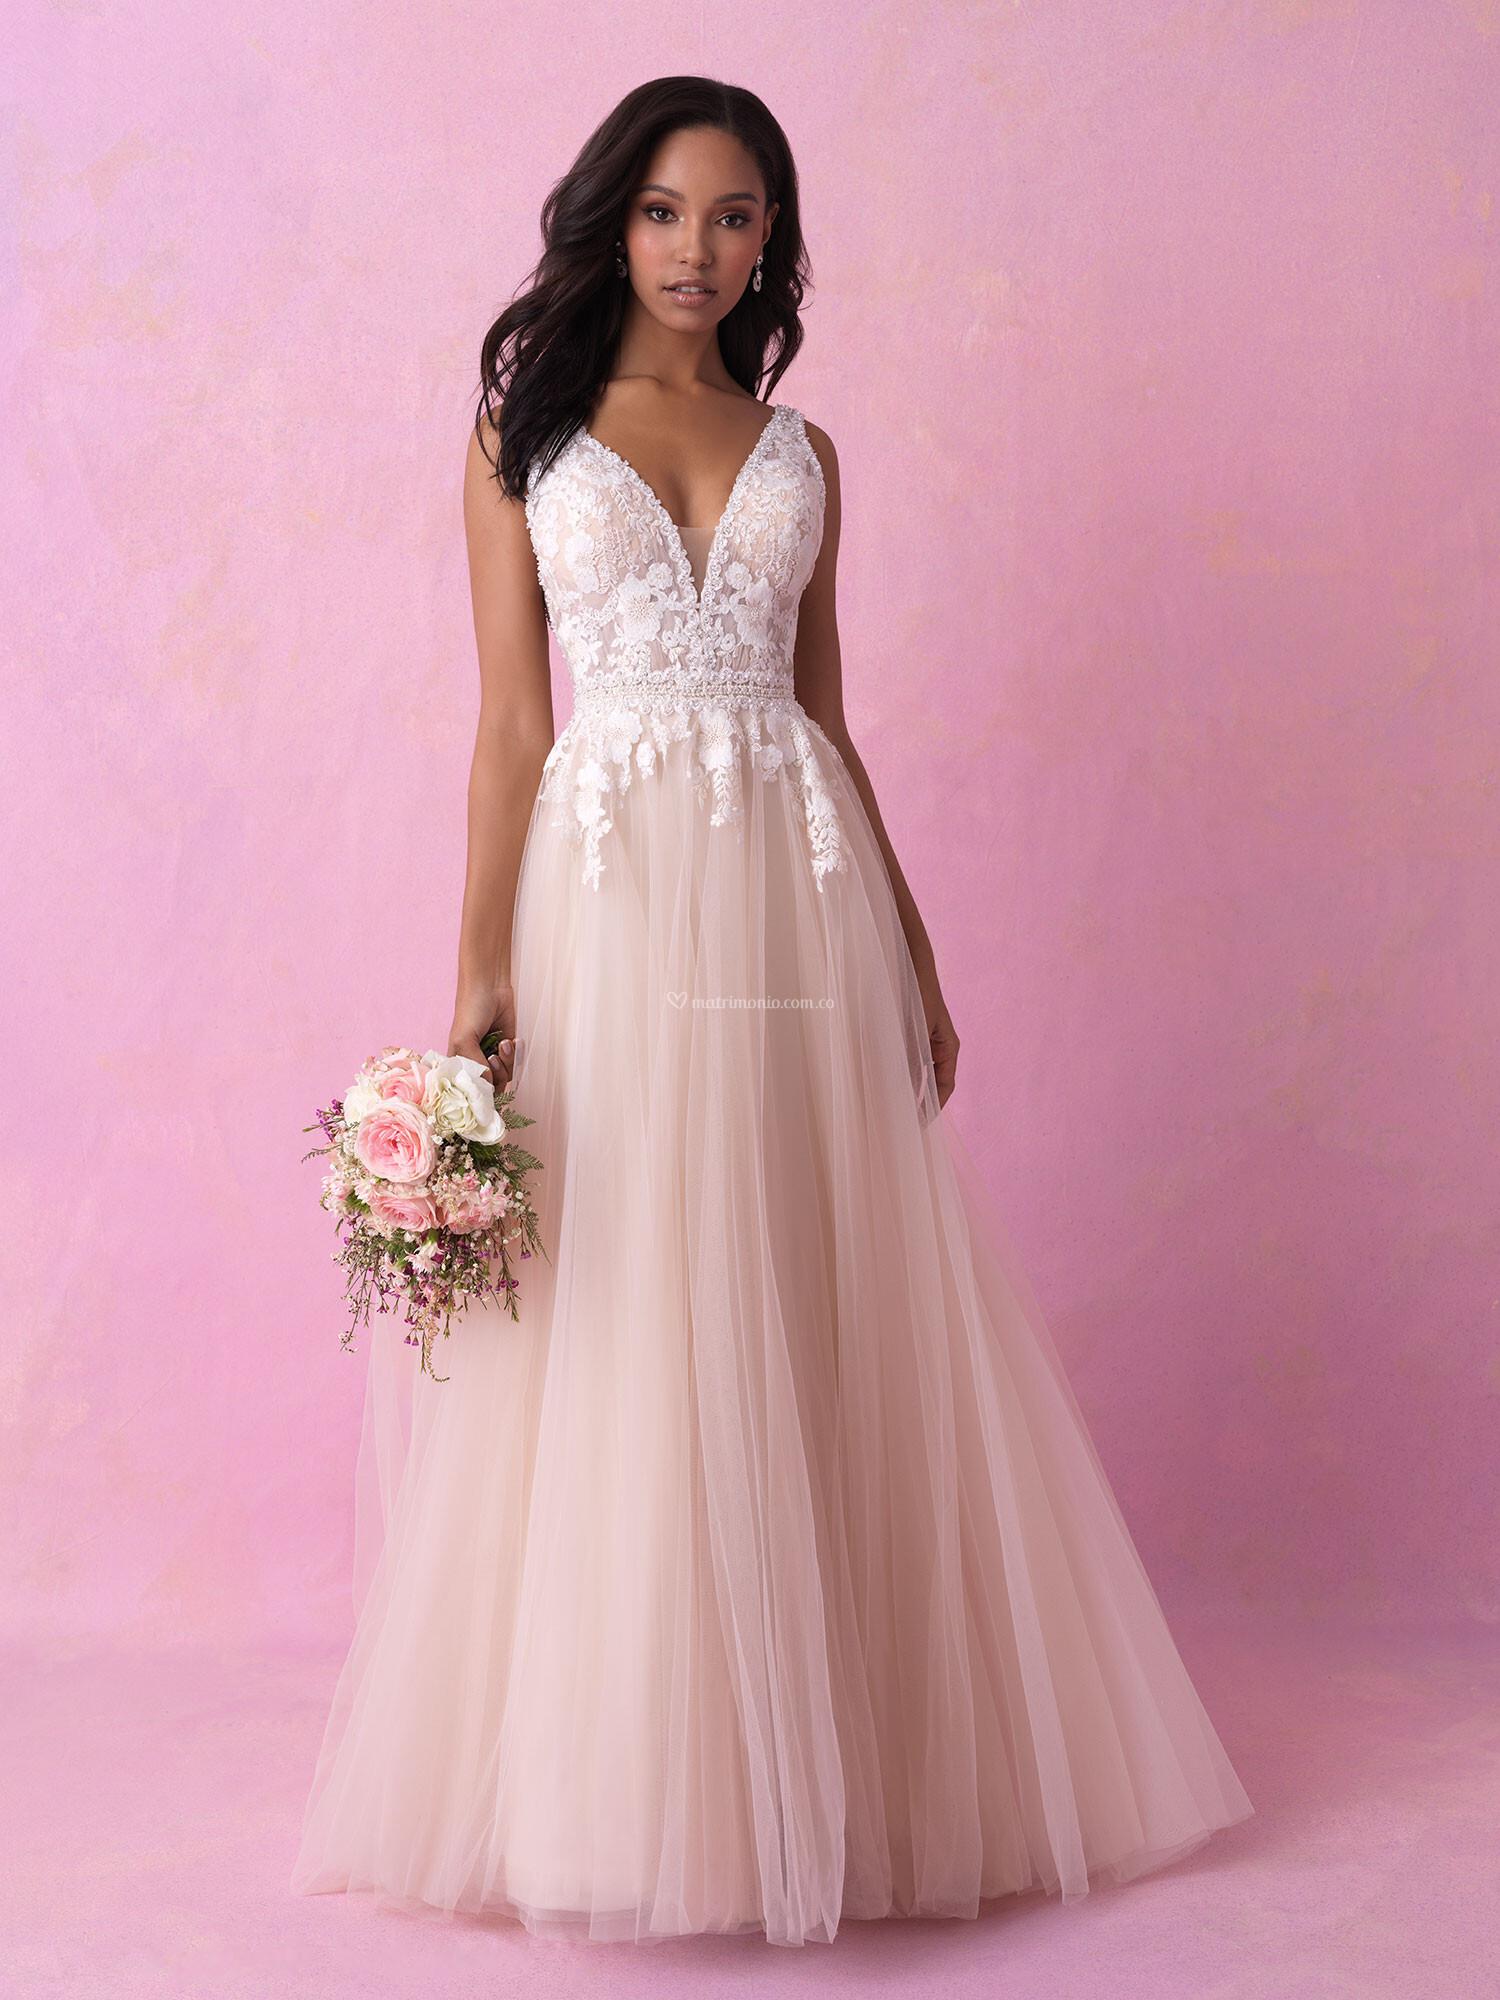 Vestidos de Novia de Allure Bridals - Matrimonio.com.co